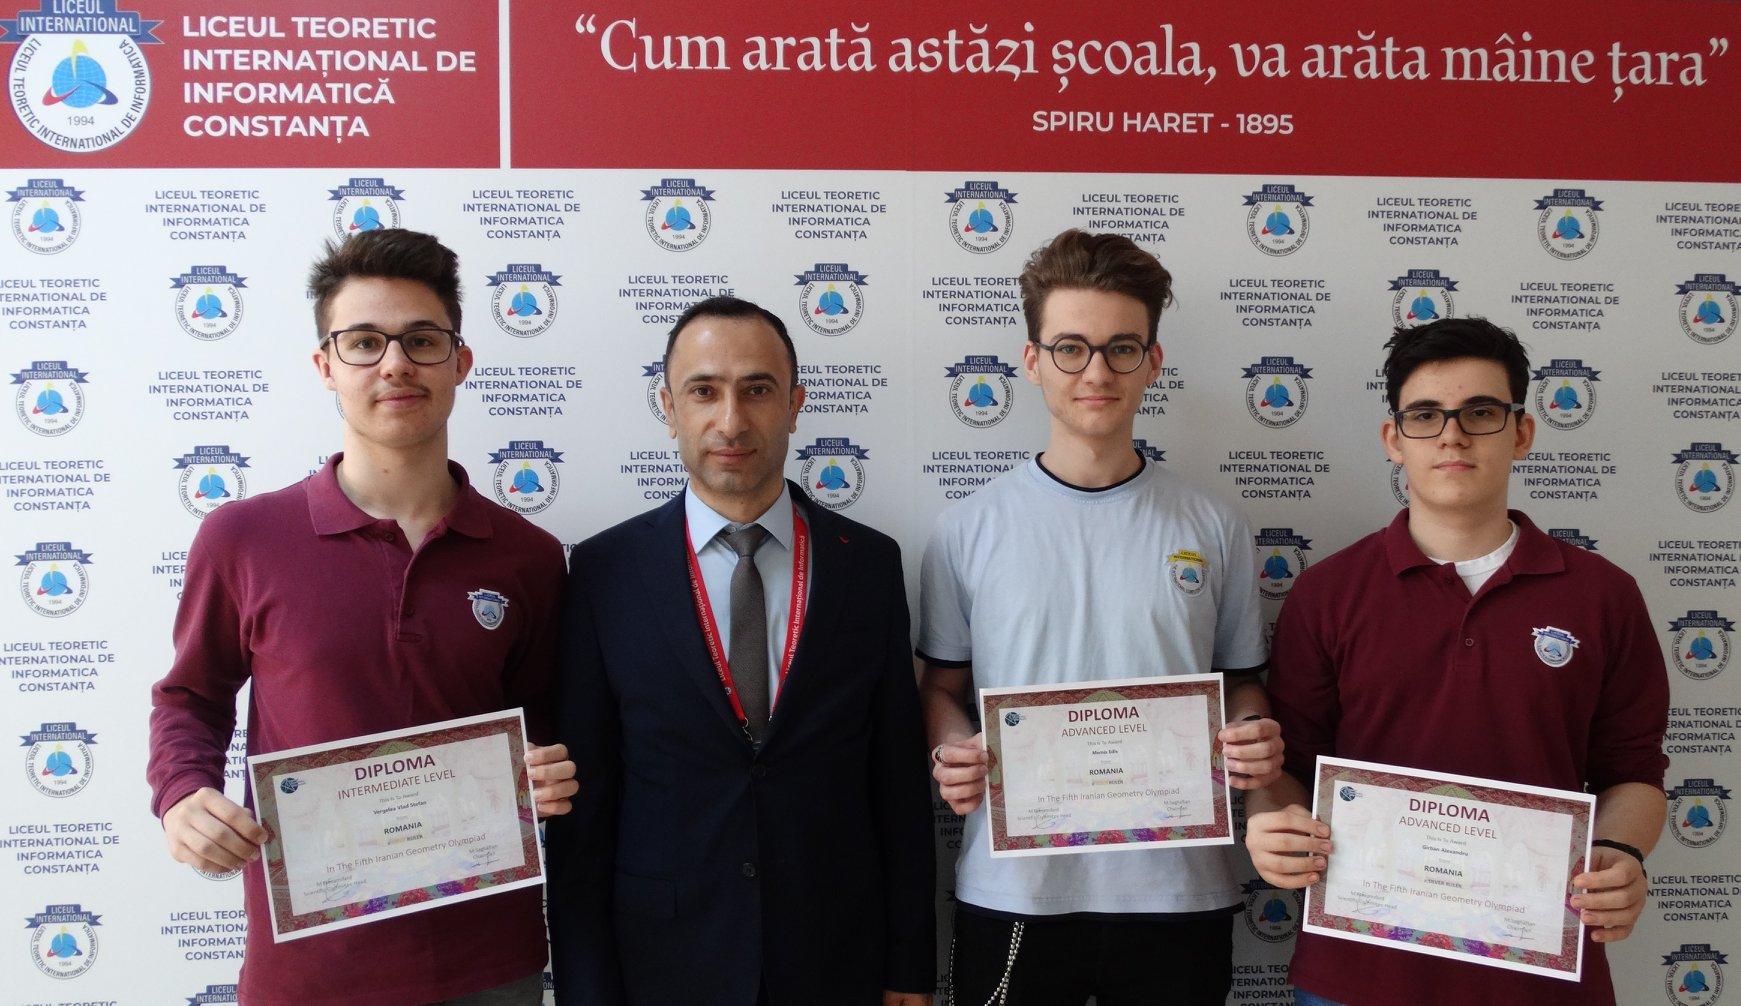 ALEXANDRU GÎRBAN, VLAD VERGELEA, elevi în clasa a X-a C și EDIS MEMIȘ